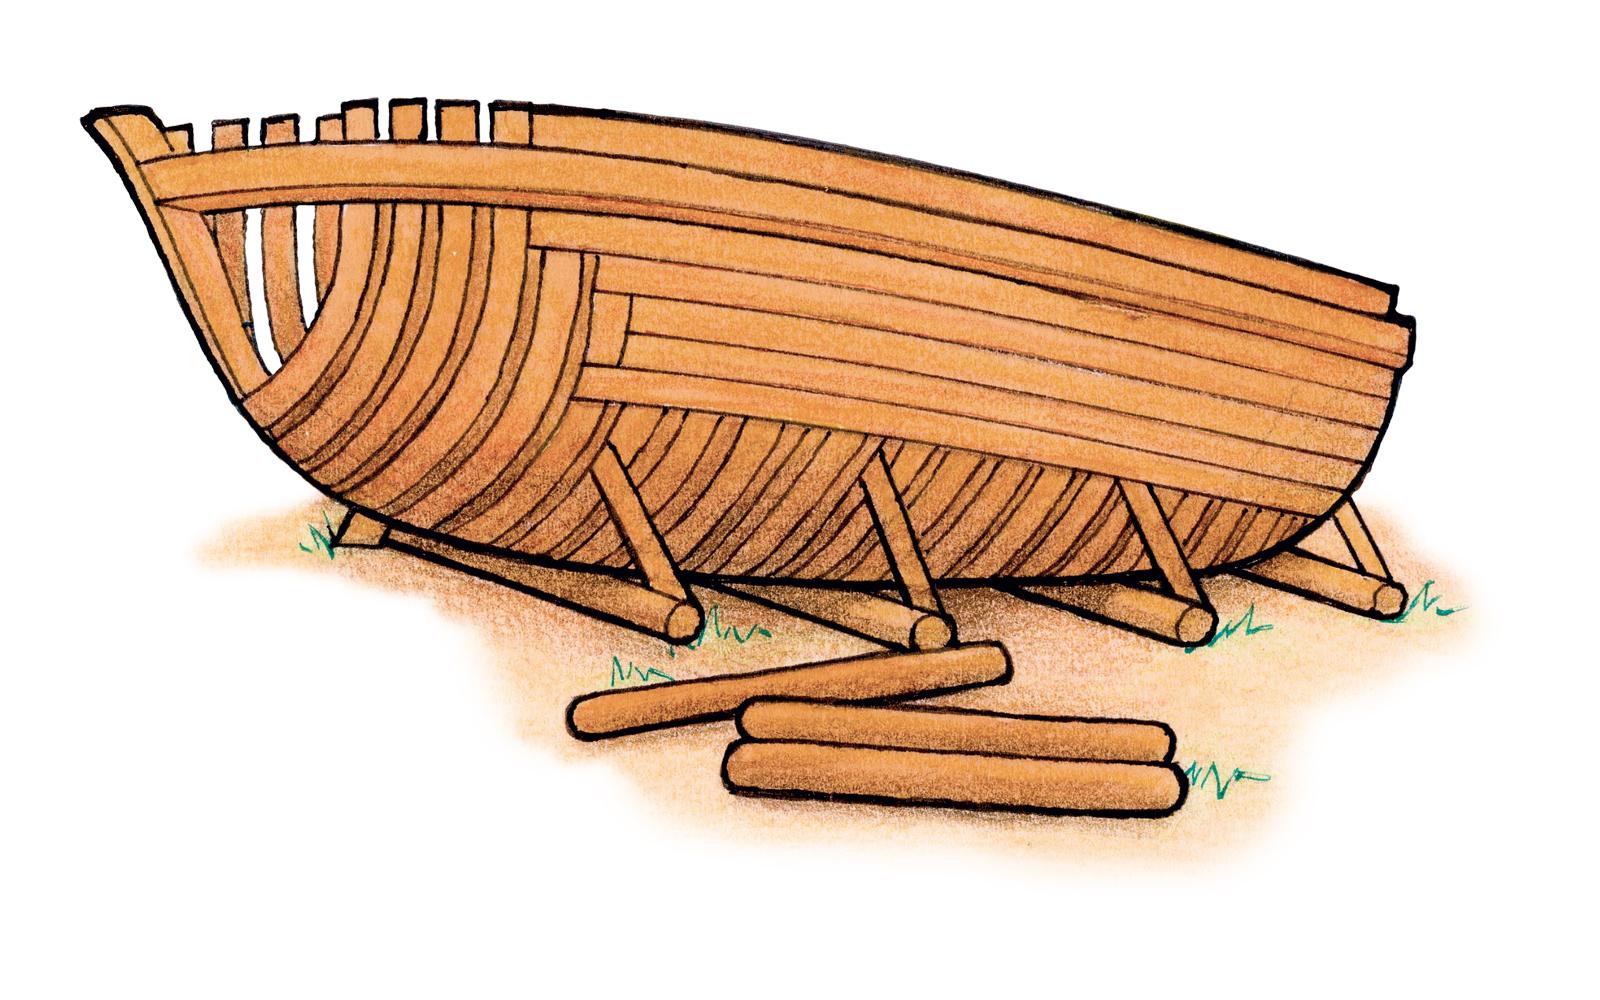 Ship Building Tools Clipart.